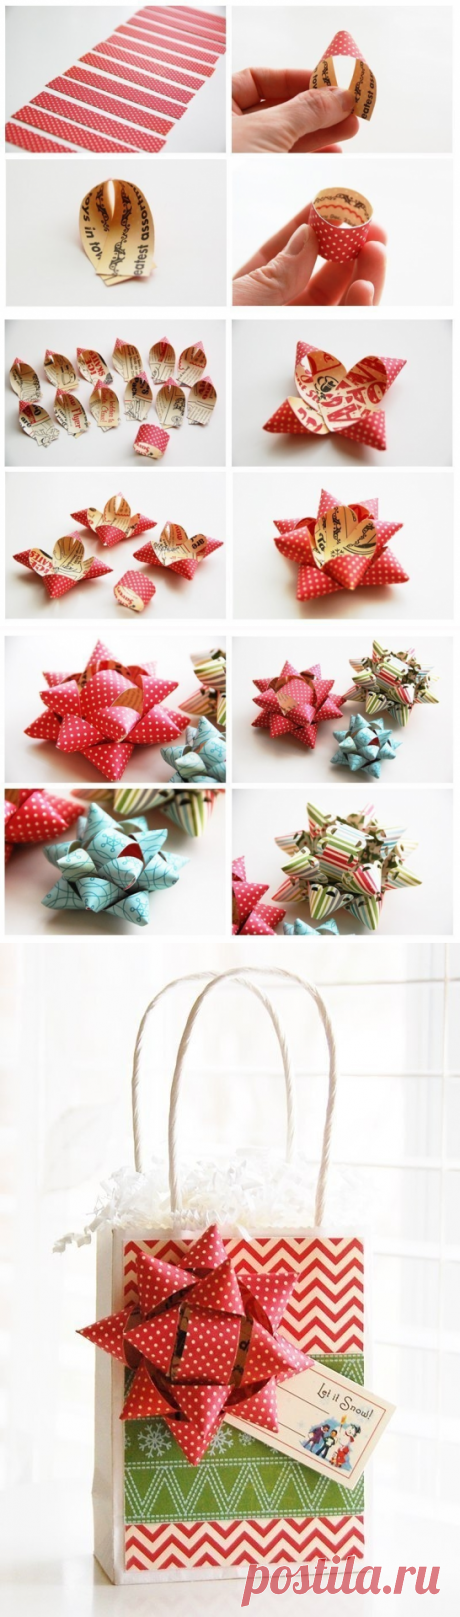 Цветок-бант для оформления подарков